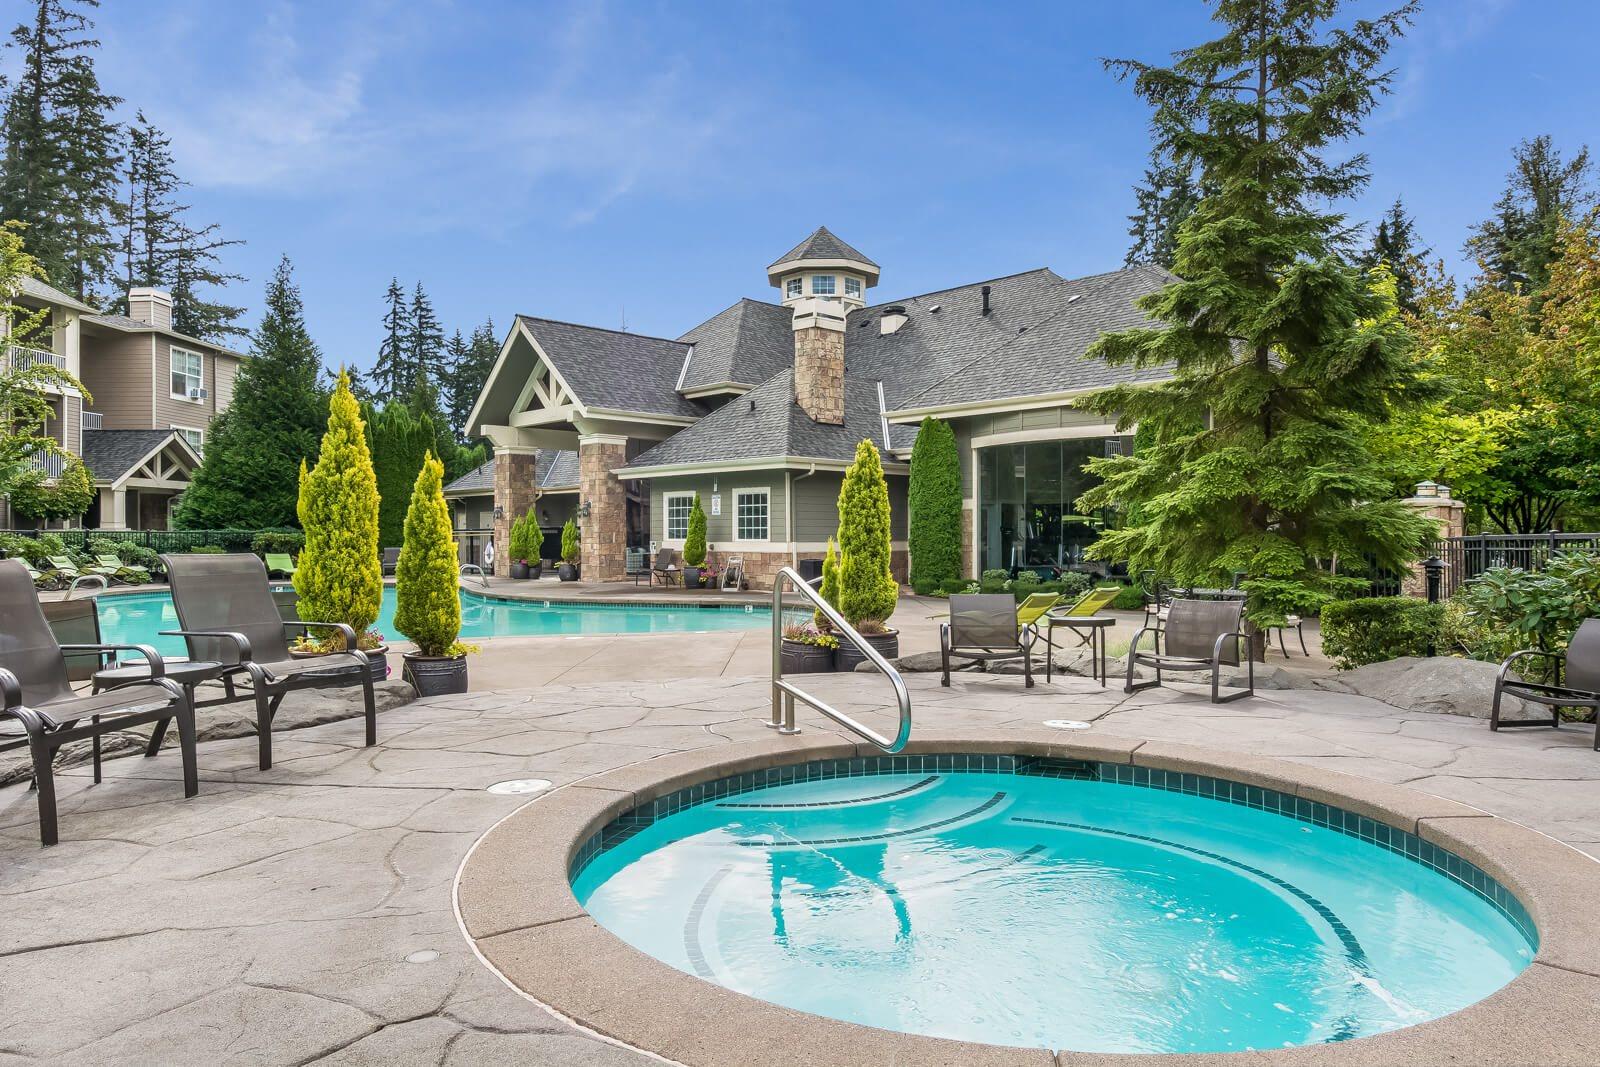 Spa/Hot Tub at The Estates at Cougar Mountain, Issaquah, 98027